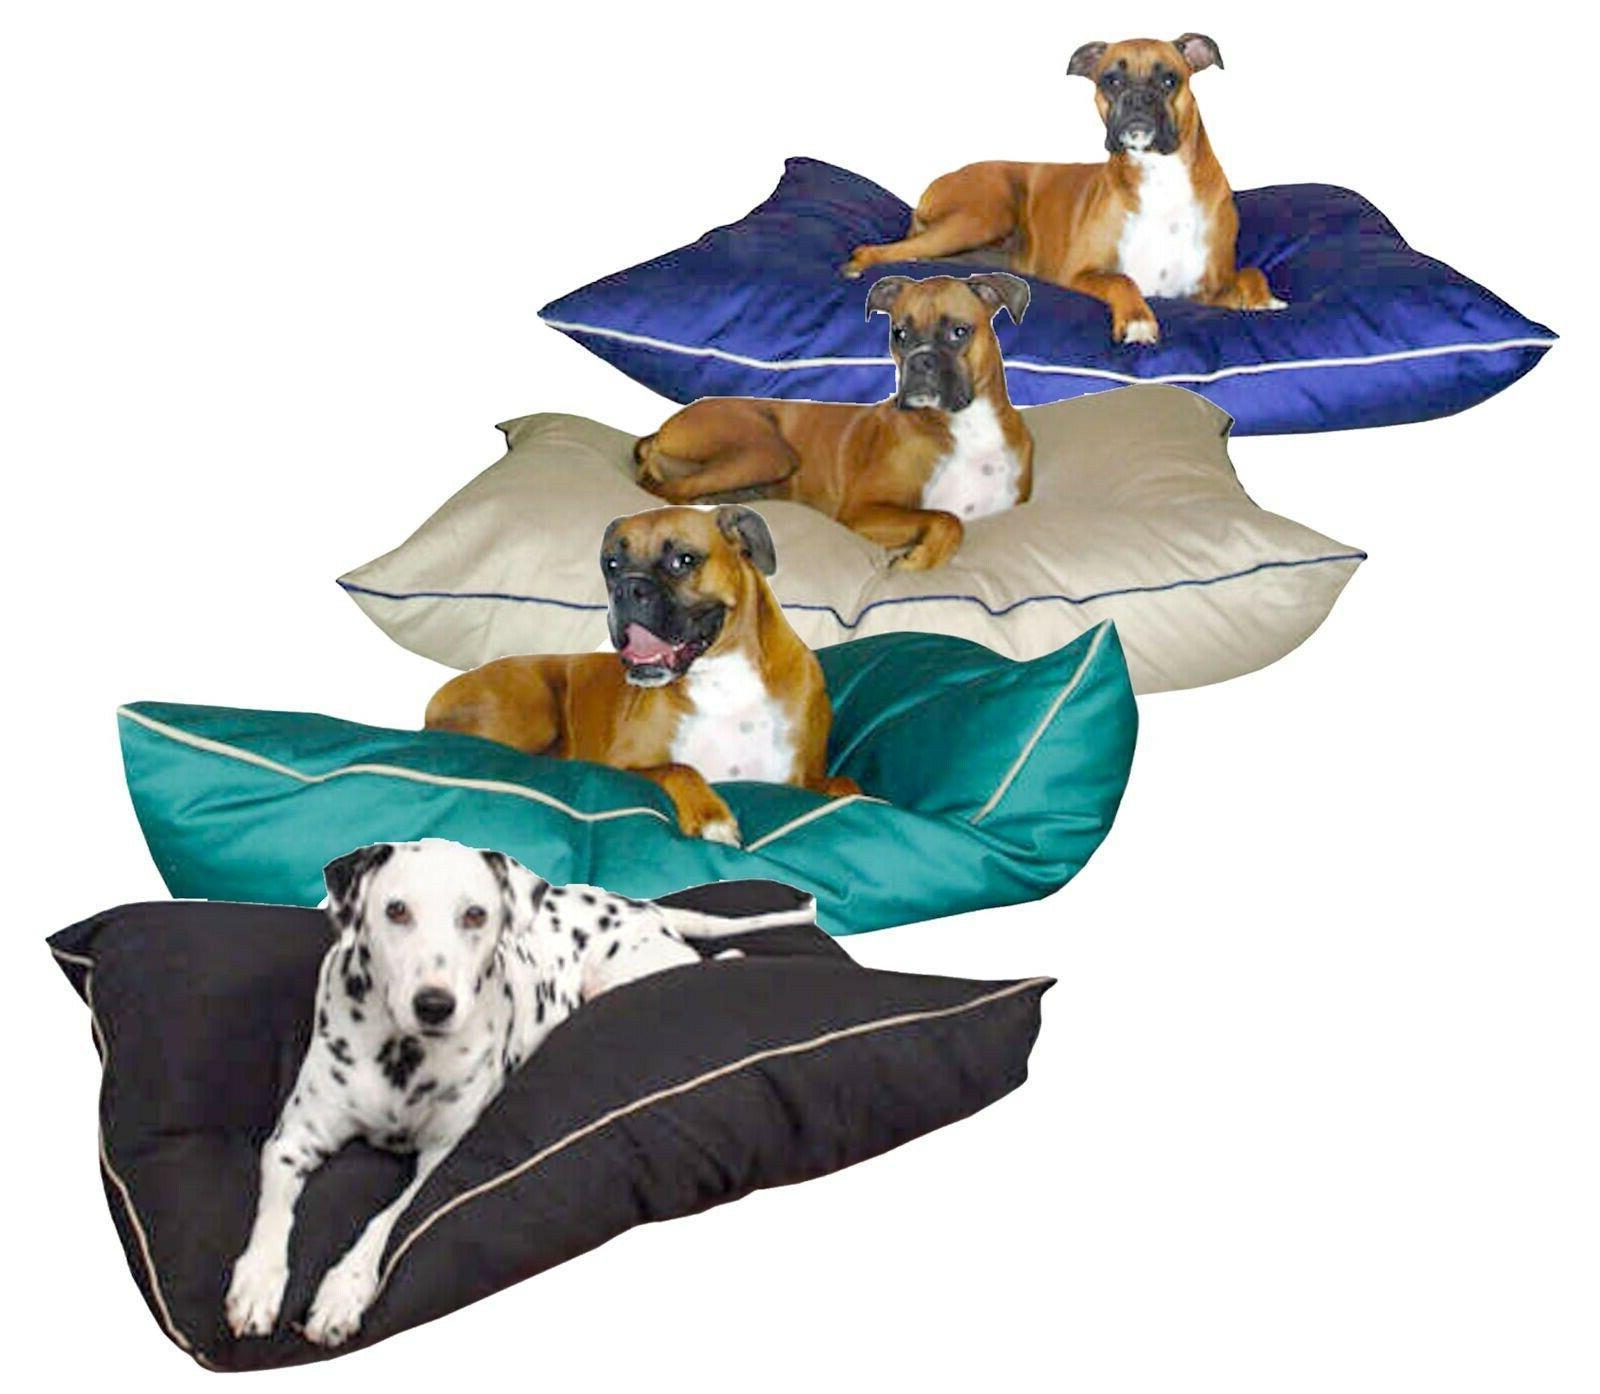 large breed washable dog bed 35 x